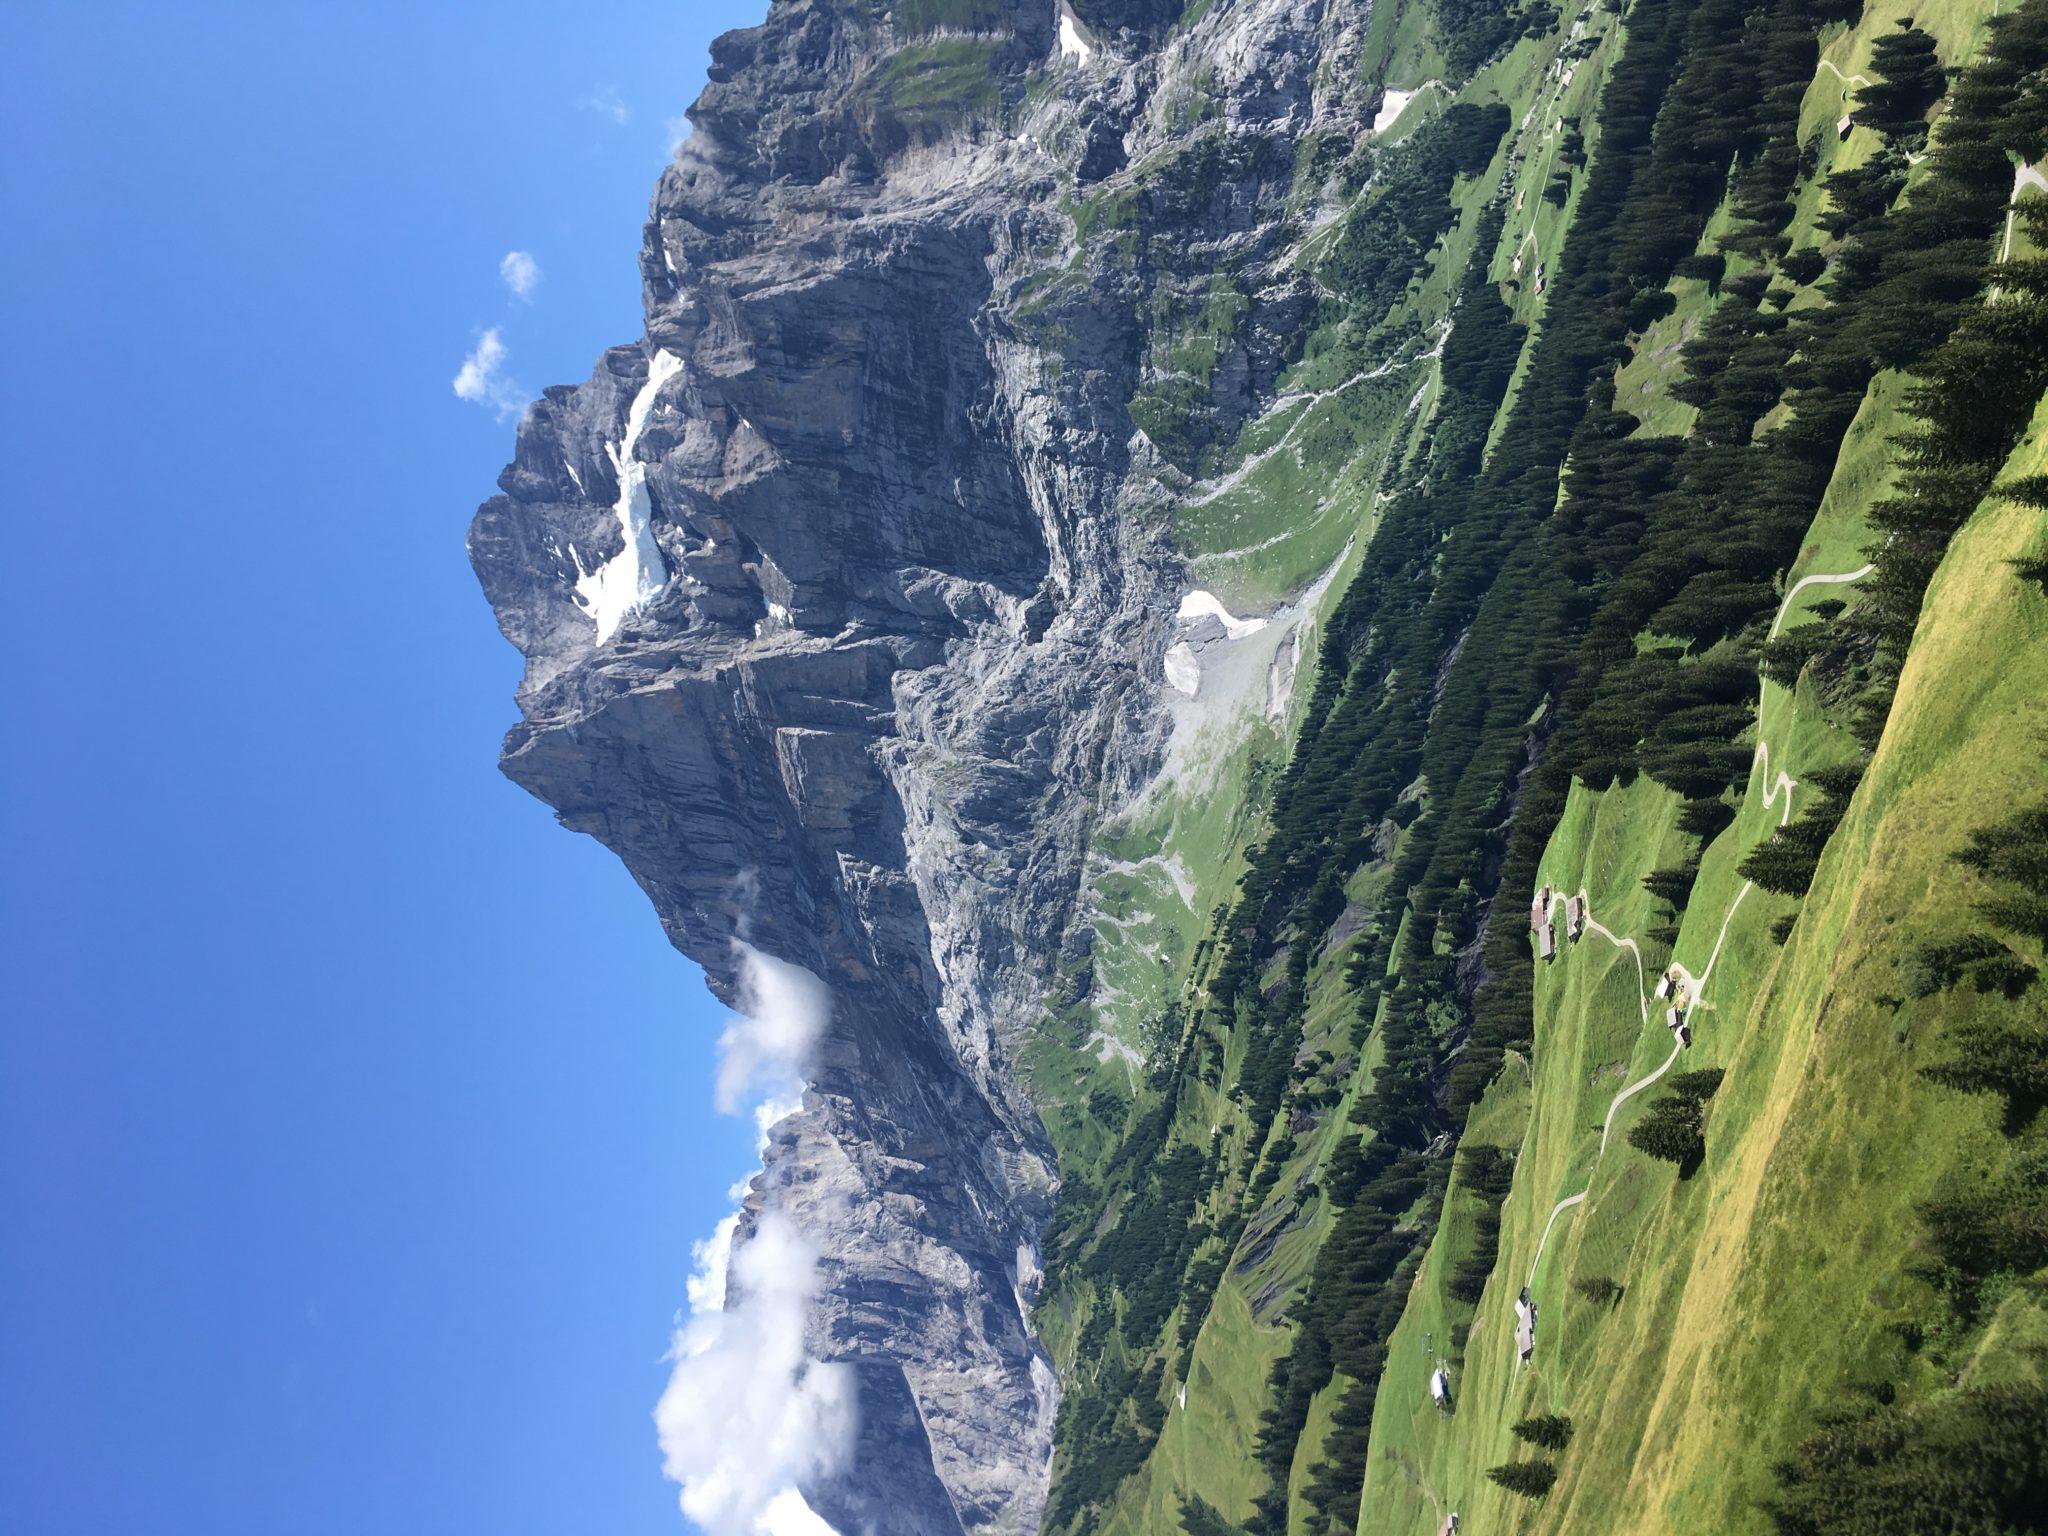 Виды на Альпы с подъёмника First в Гриндельвальде, Швейцария